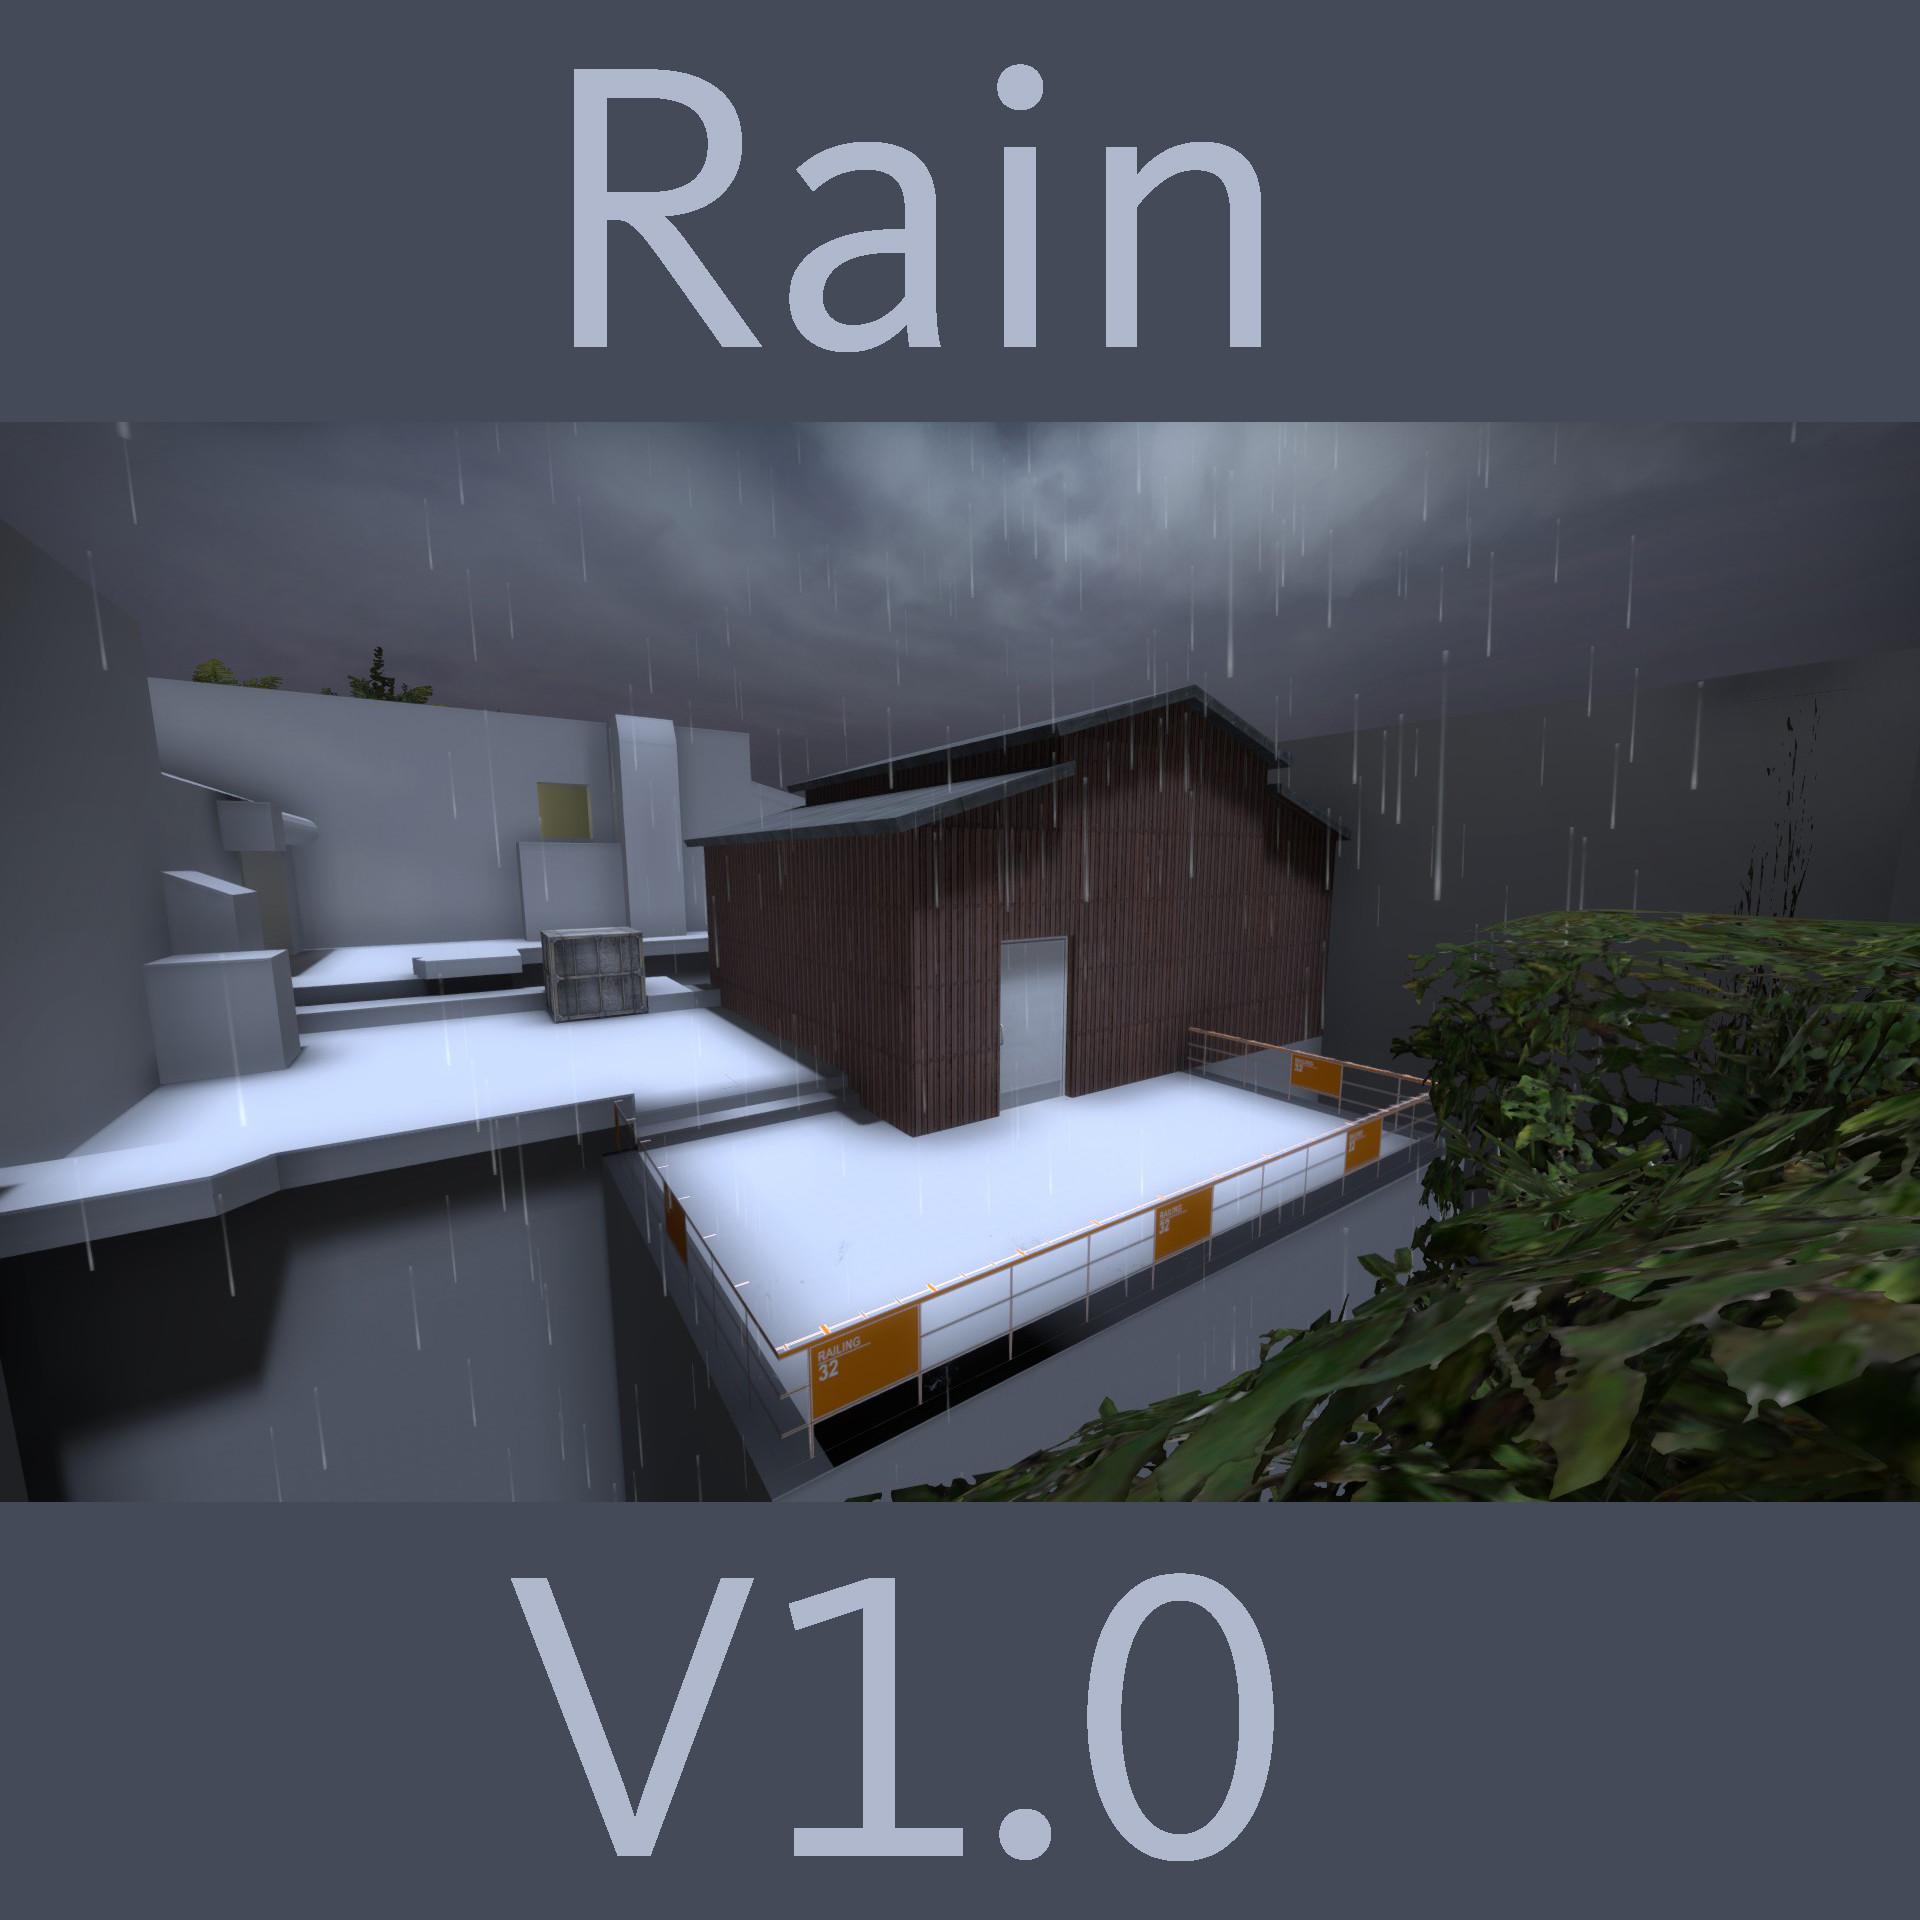 rainv1.jpg.5fbd8d733eaaea01607a941f5726fb70.jpg